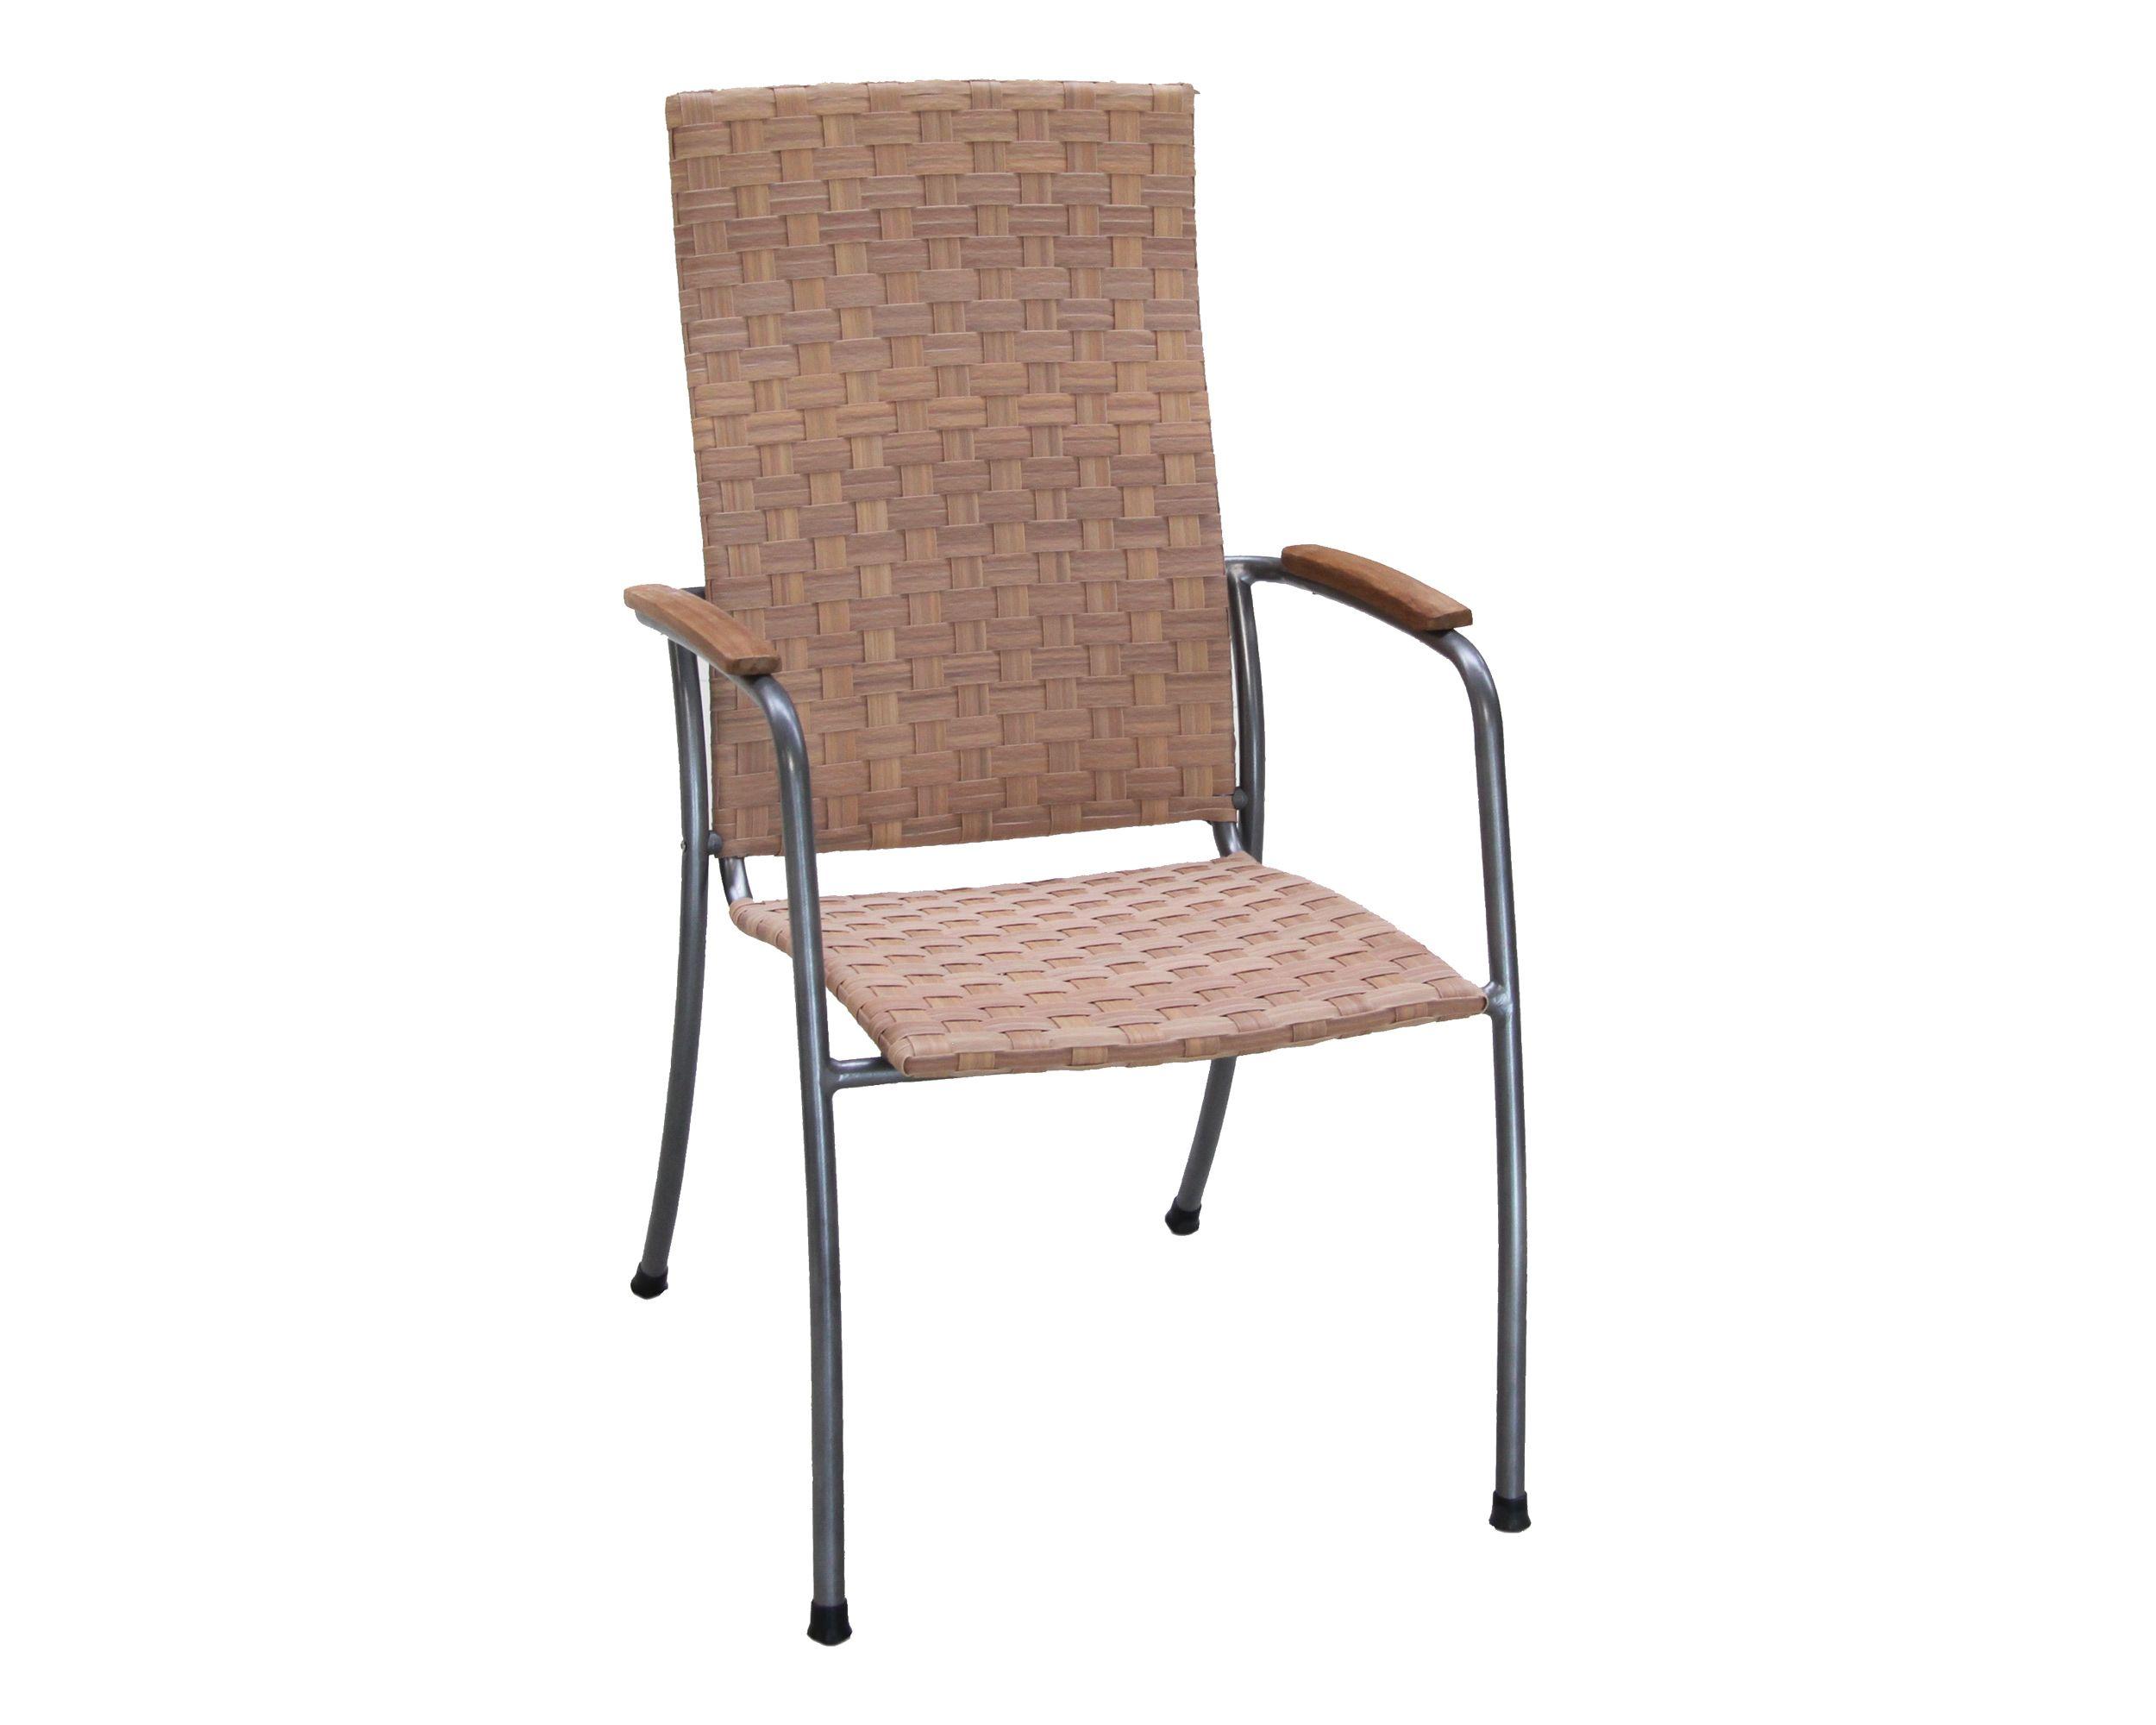 Stapelsessel Laro - Bestseller - Sessel - DINING